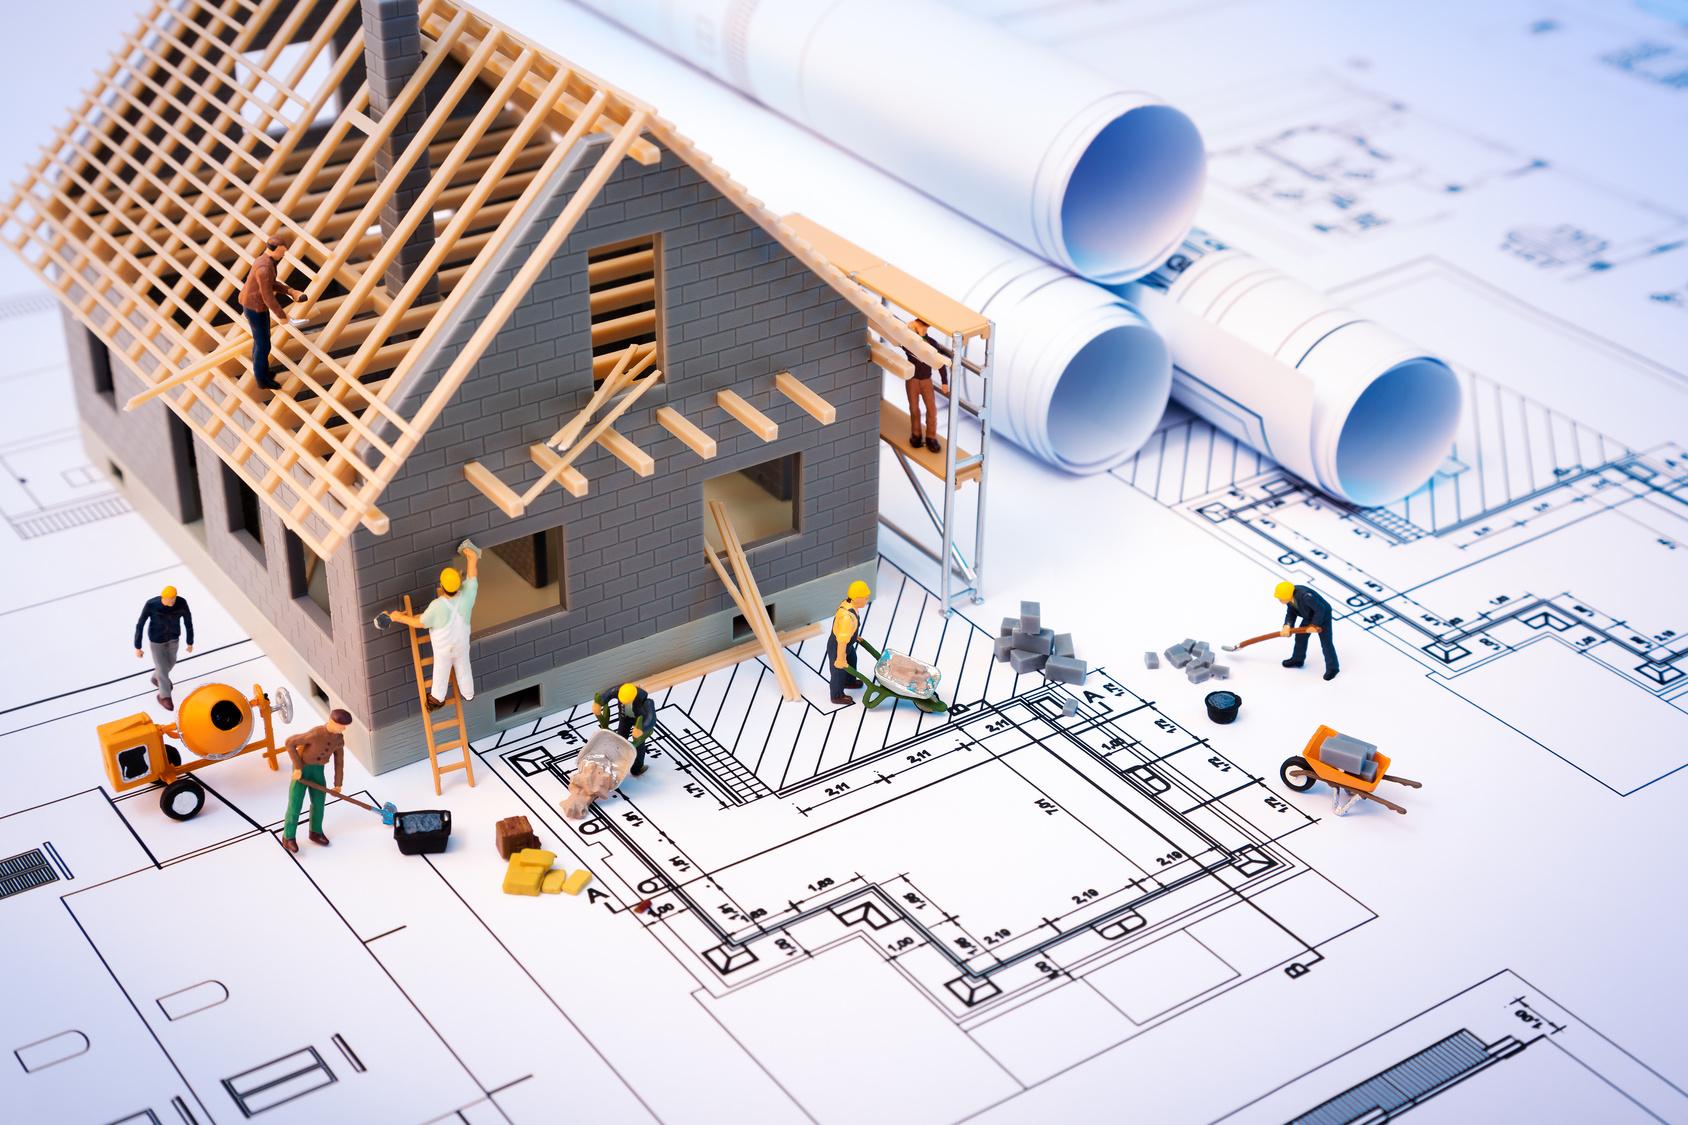 Budujesz dom? Przedstawiamy 20 narzędzi przydatnych dla każdego inwestora